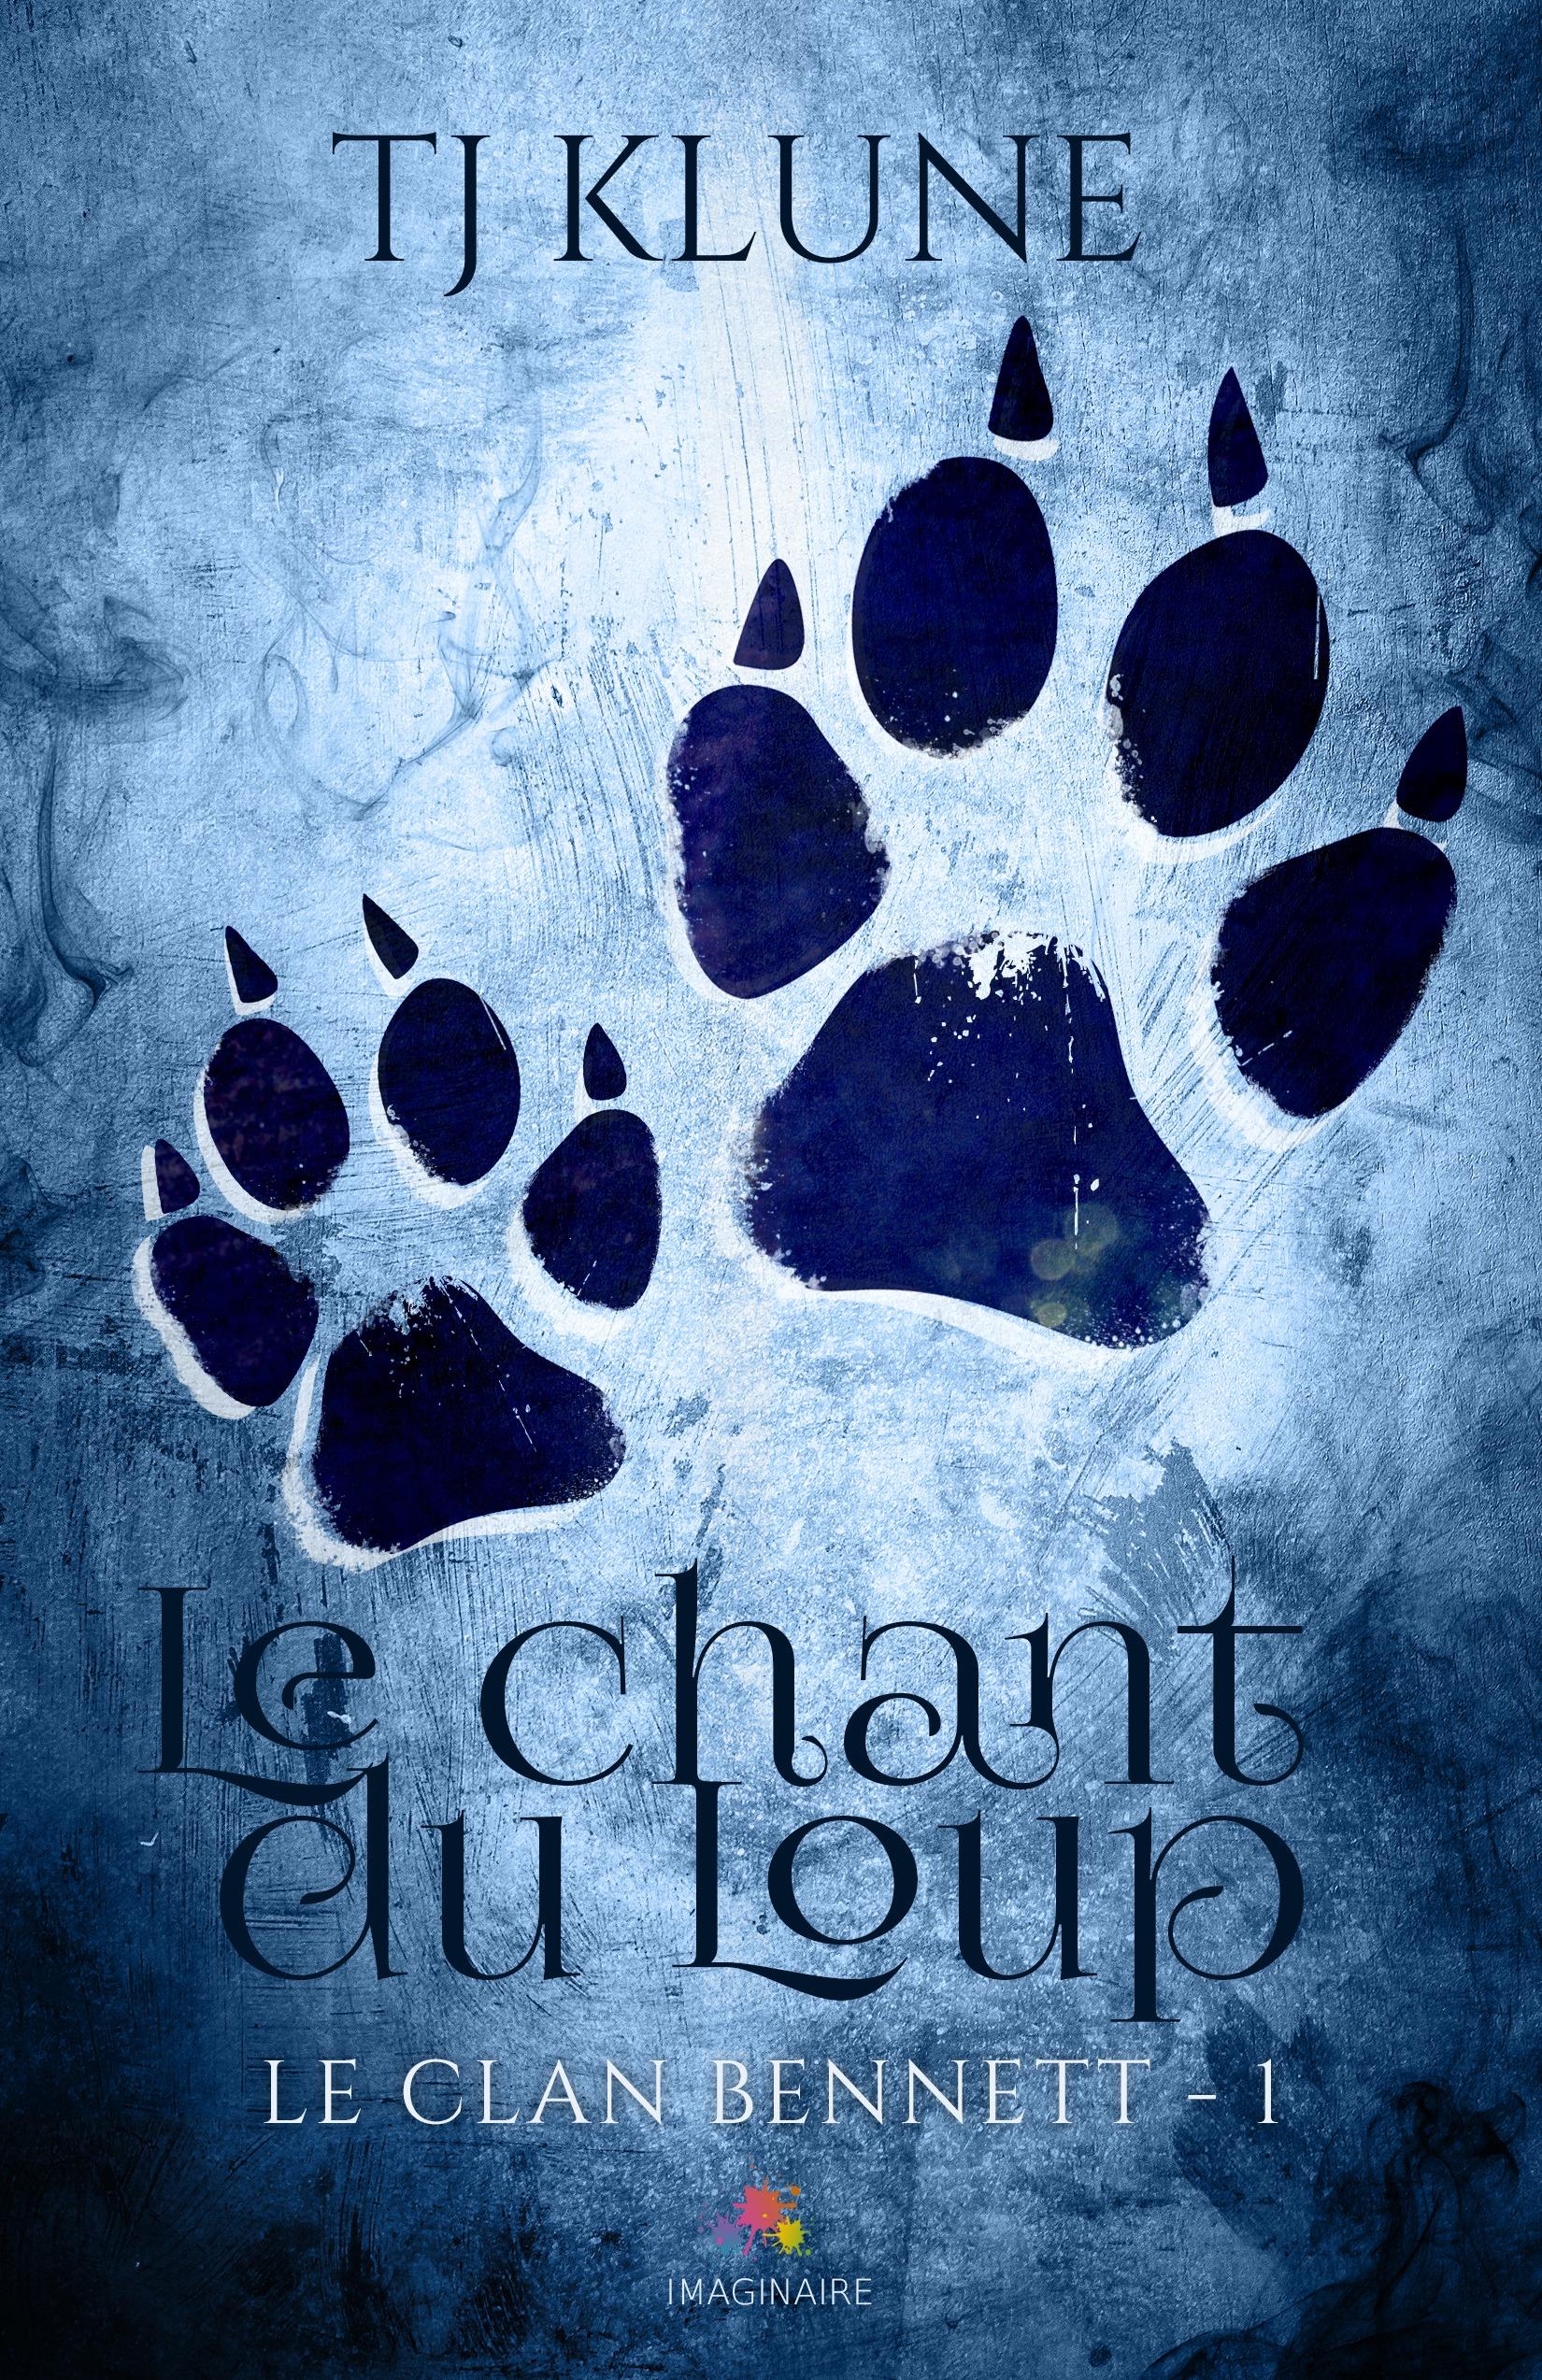 Le chant du Loup, LE CLAN BENNETT, T1